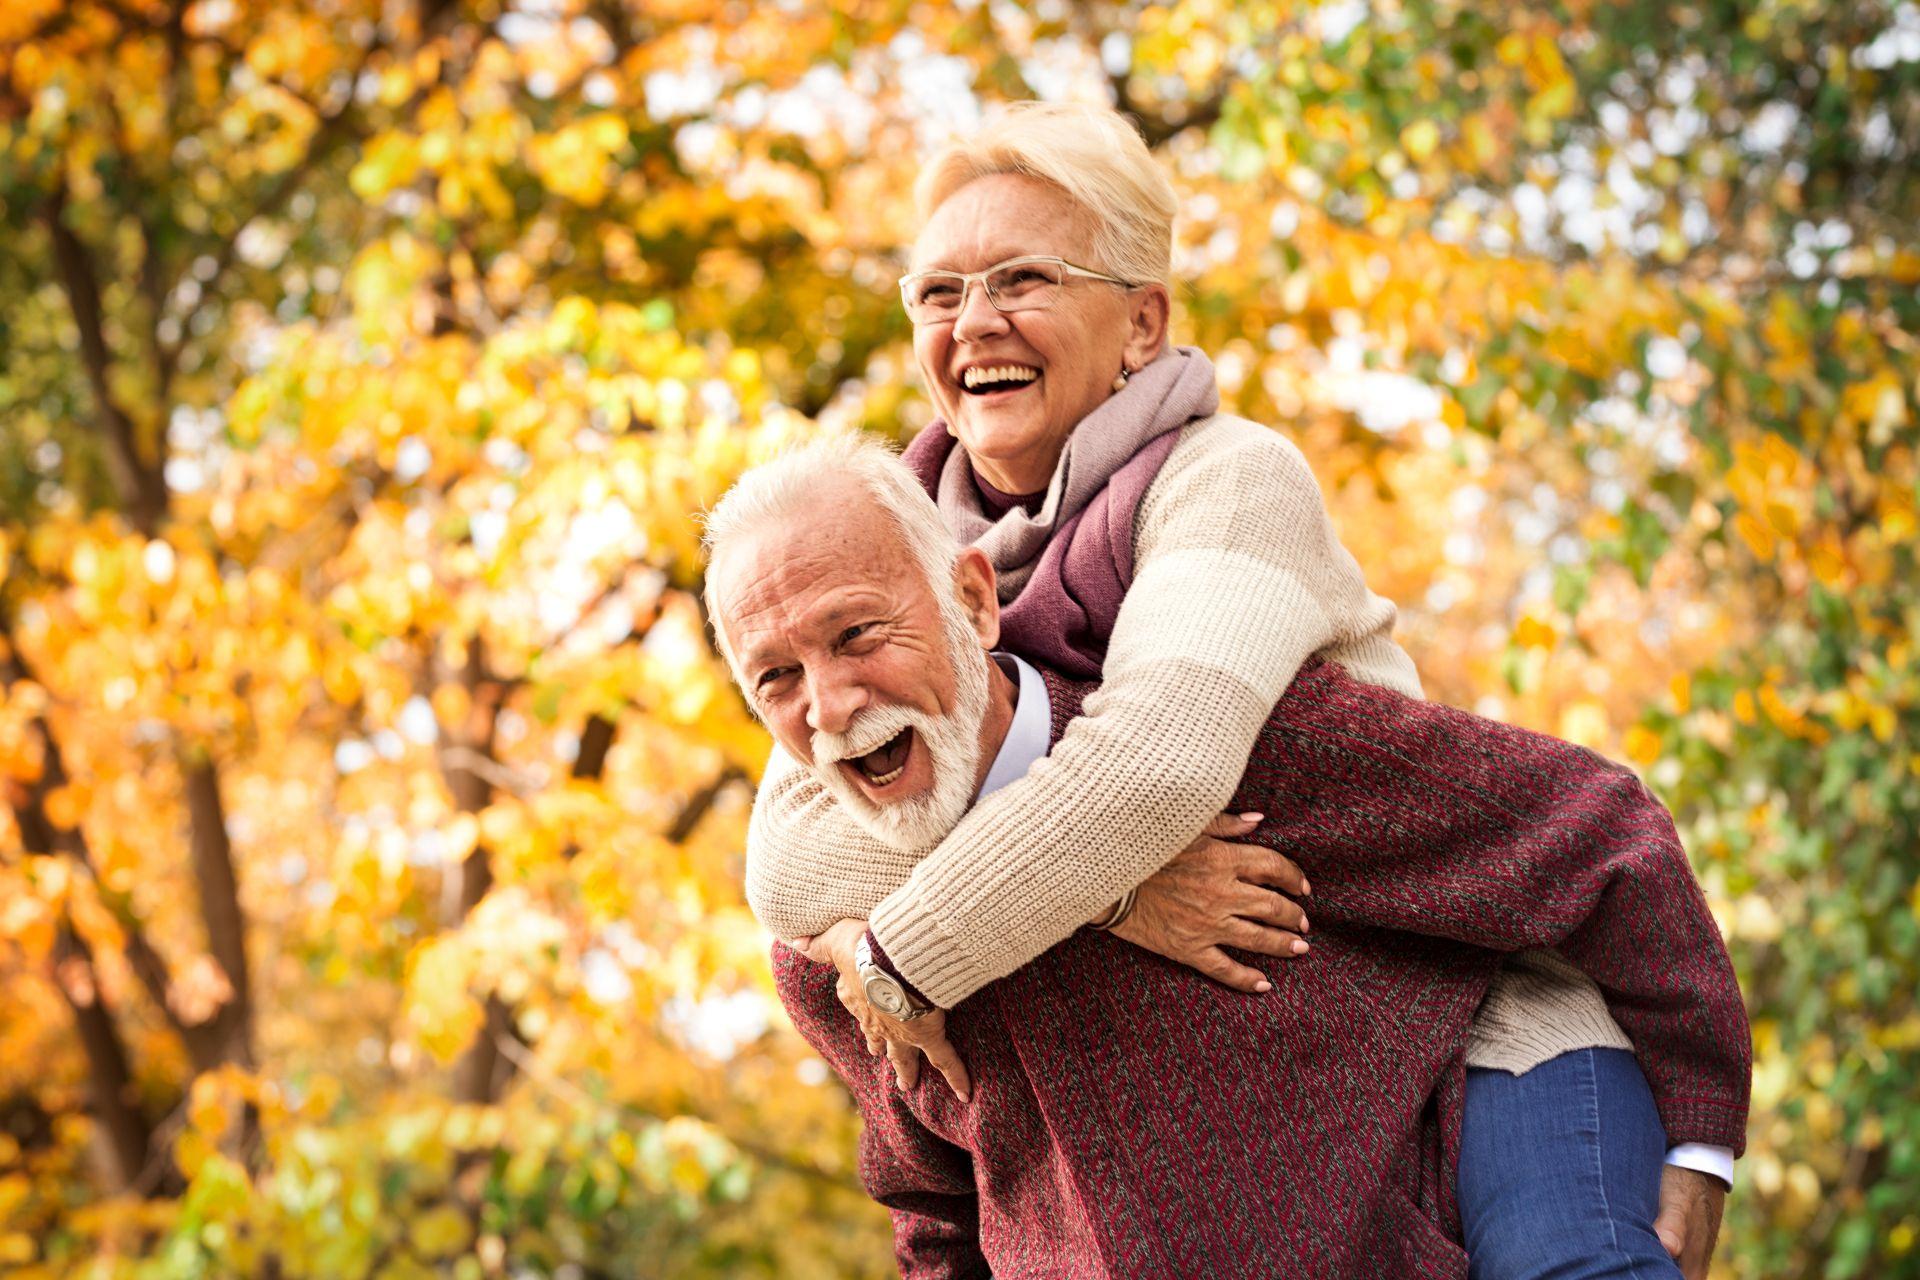 Pozostań w formie przez całe życie - dieta osób starszych powinna zawierać zdrowe tłuszcze, sterole roślinne obniżające cholesterol, kwasy Omega i potas, który obniża ciśnienie. Sprawdź jadłospis dla seniora!